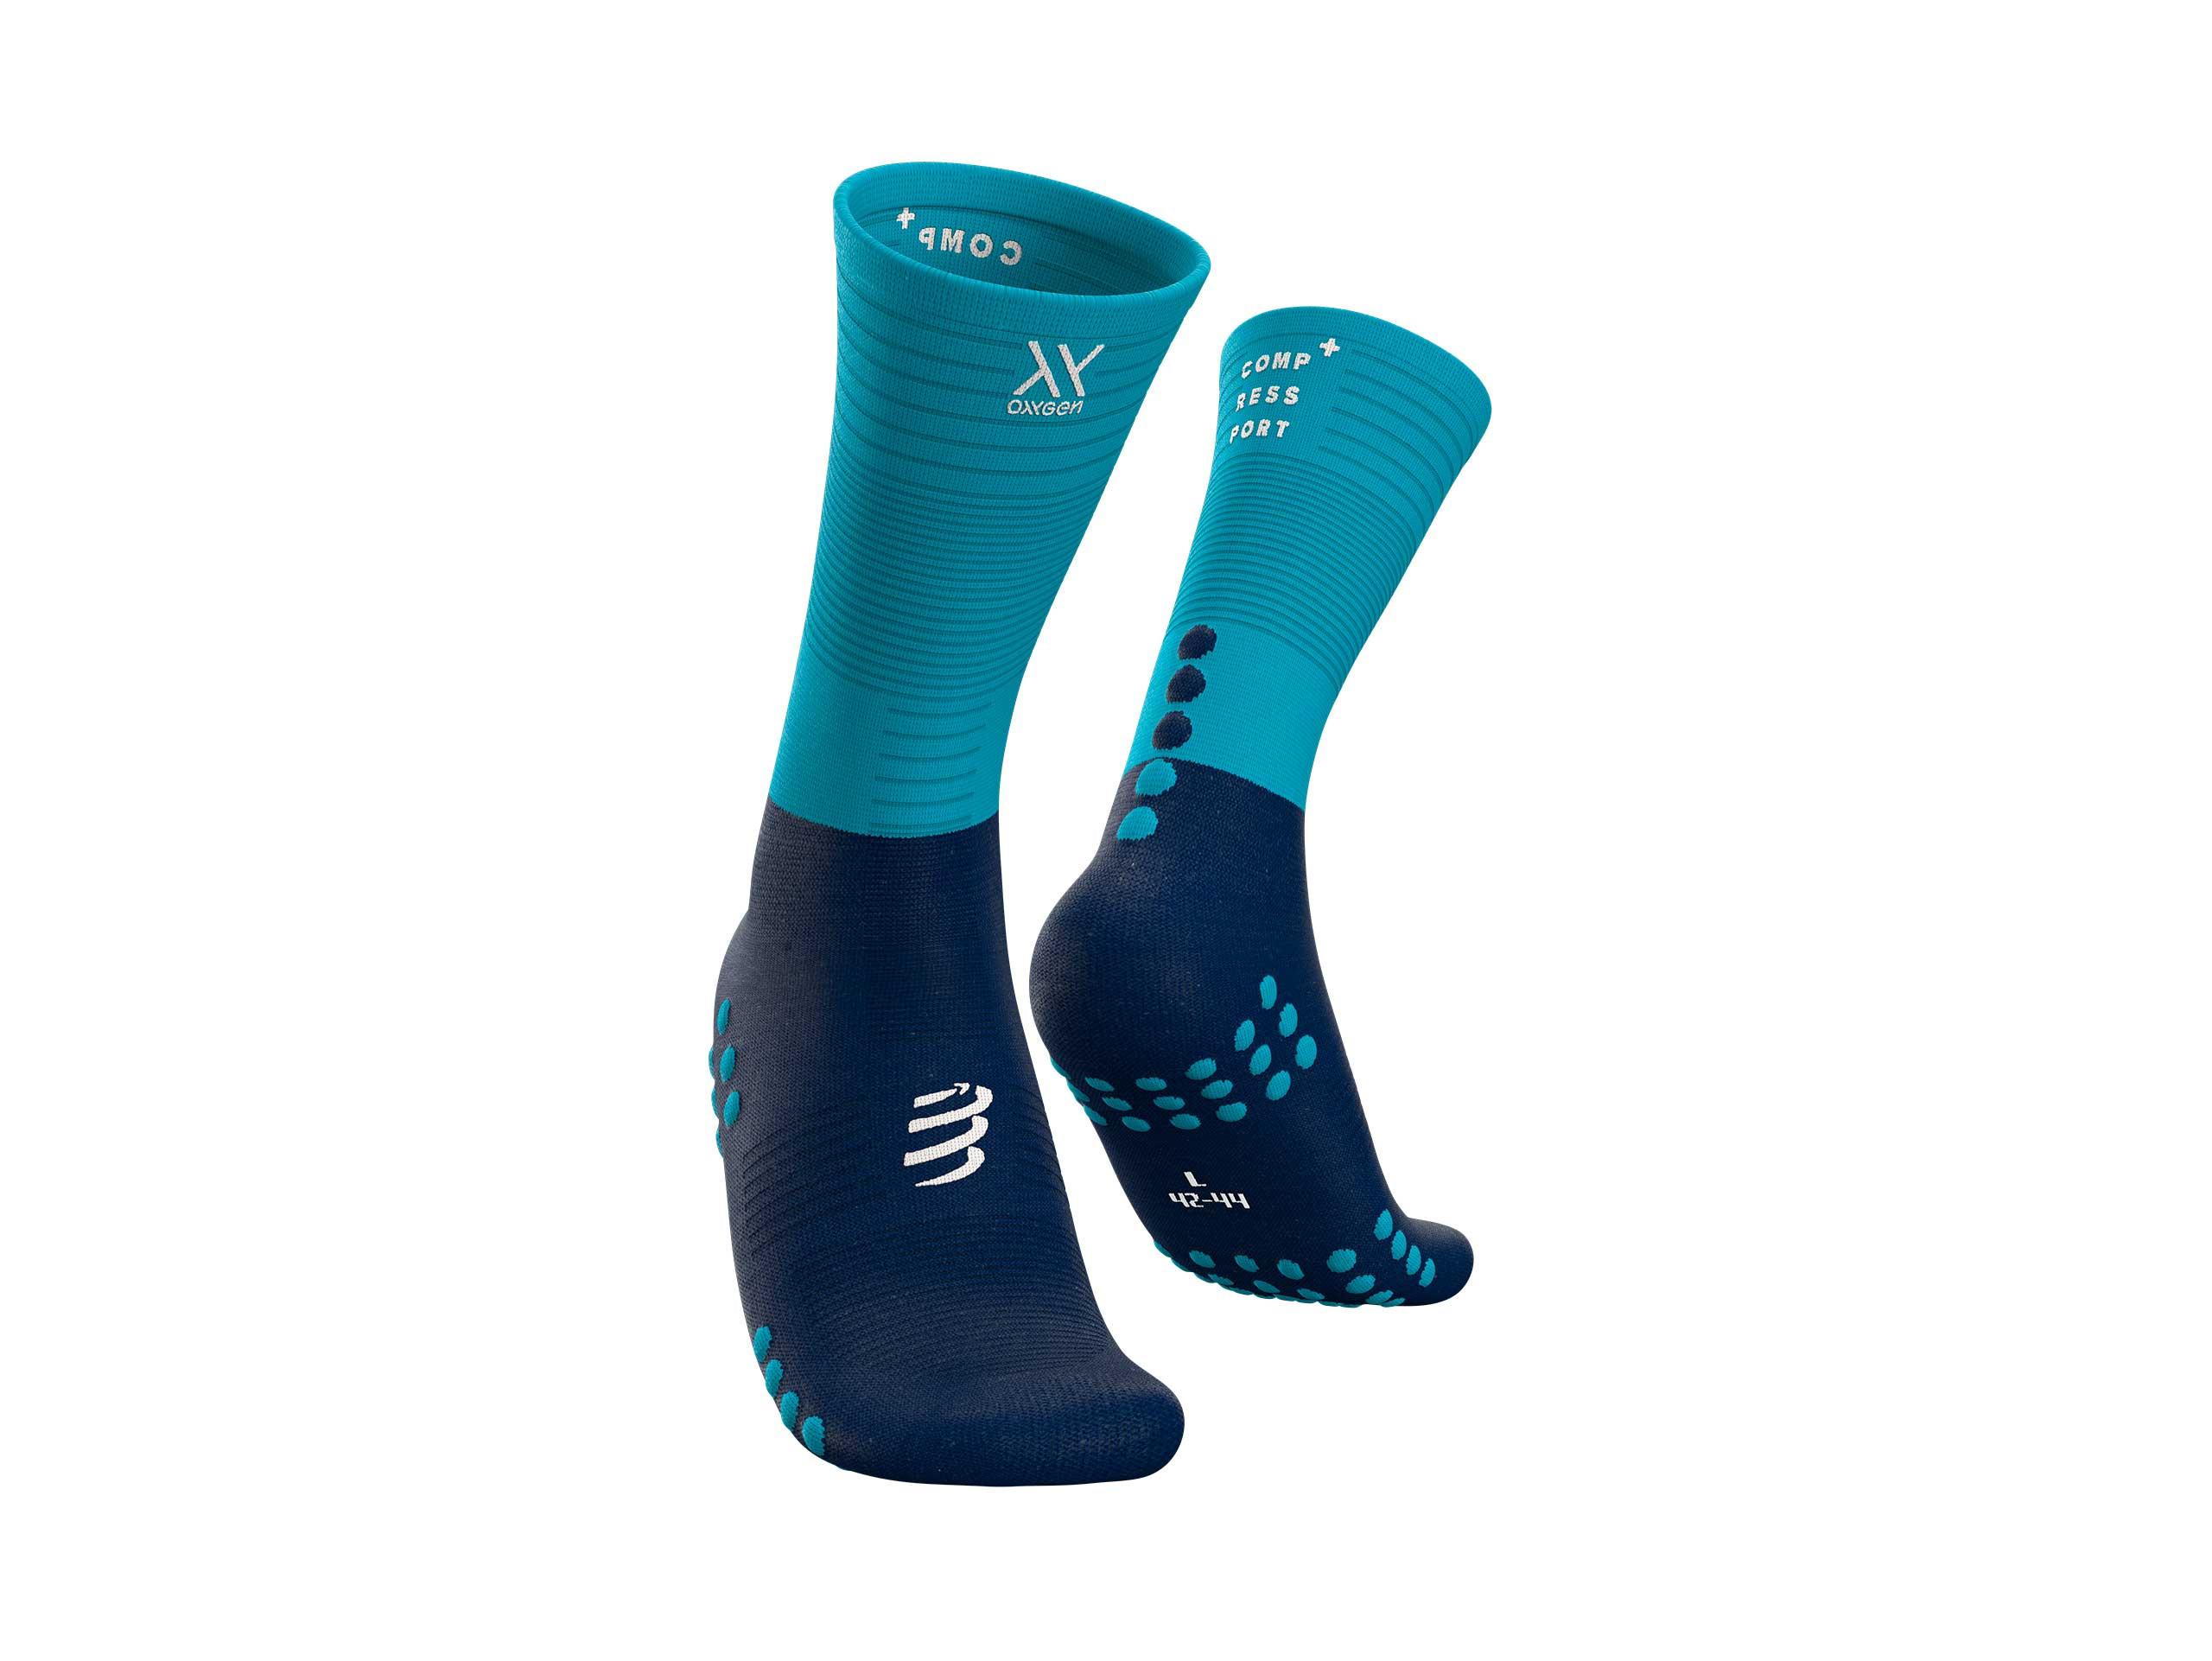 Calcetines medios de compresión negro/azul cielo